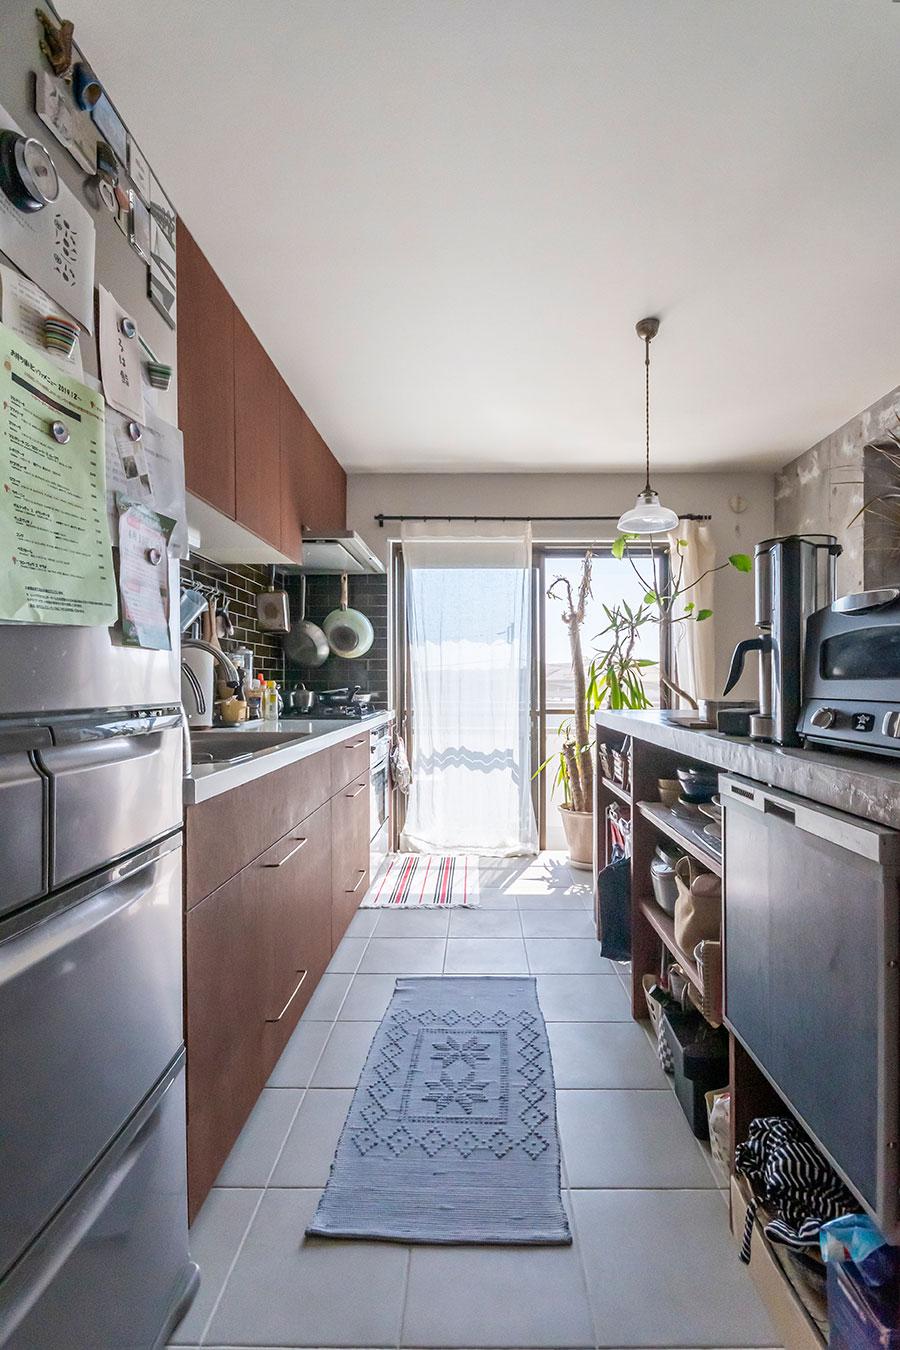 食洗機やオーブンも備えた収納たっぷりのキッチンカウンター。